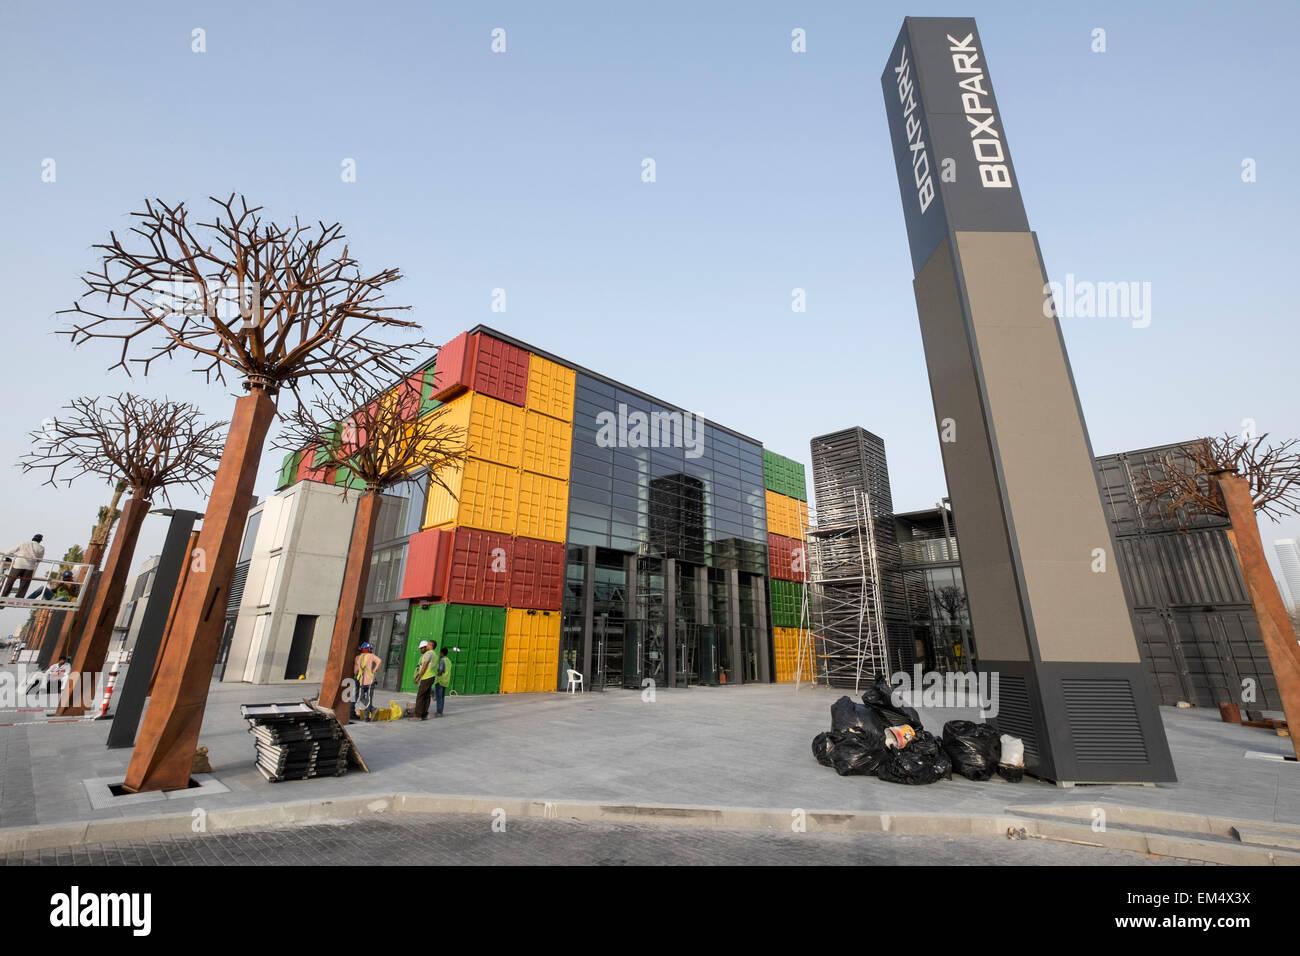 Nuovo Boxpark retail development in costruzione in Dubai Emirati Arabi Uniti Immagini Stock